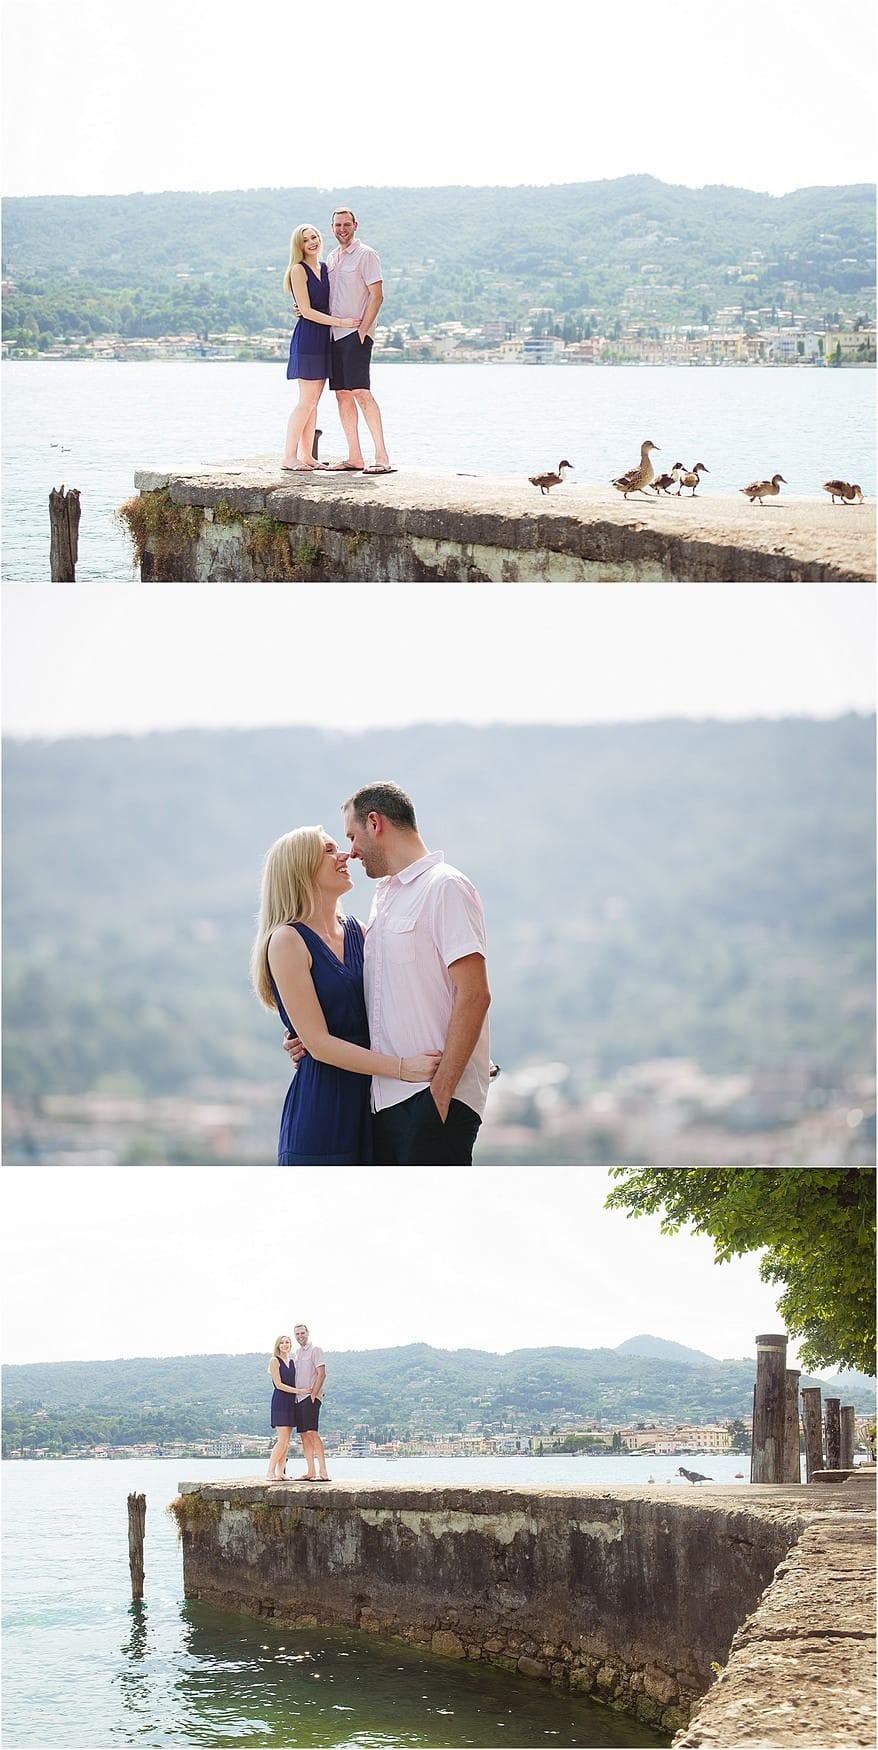 Engagement session in Lake Garda 6 Lake Garda wedding photographer